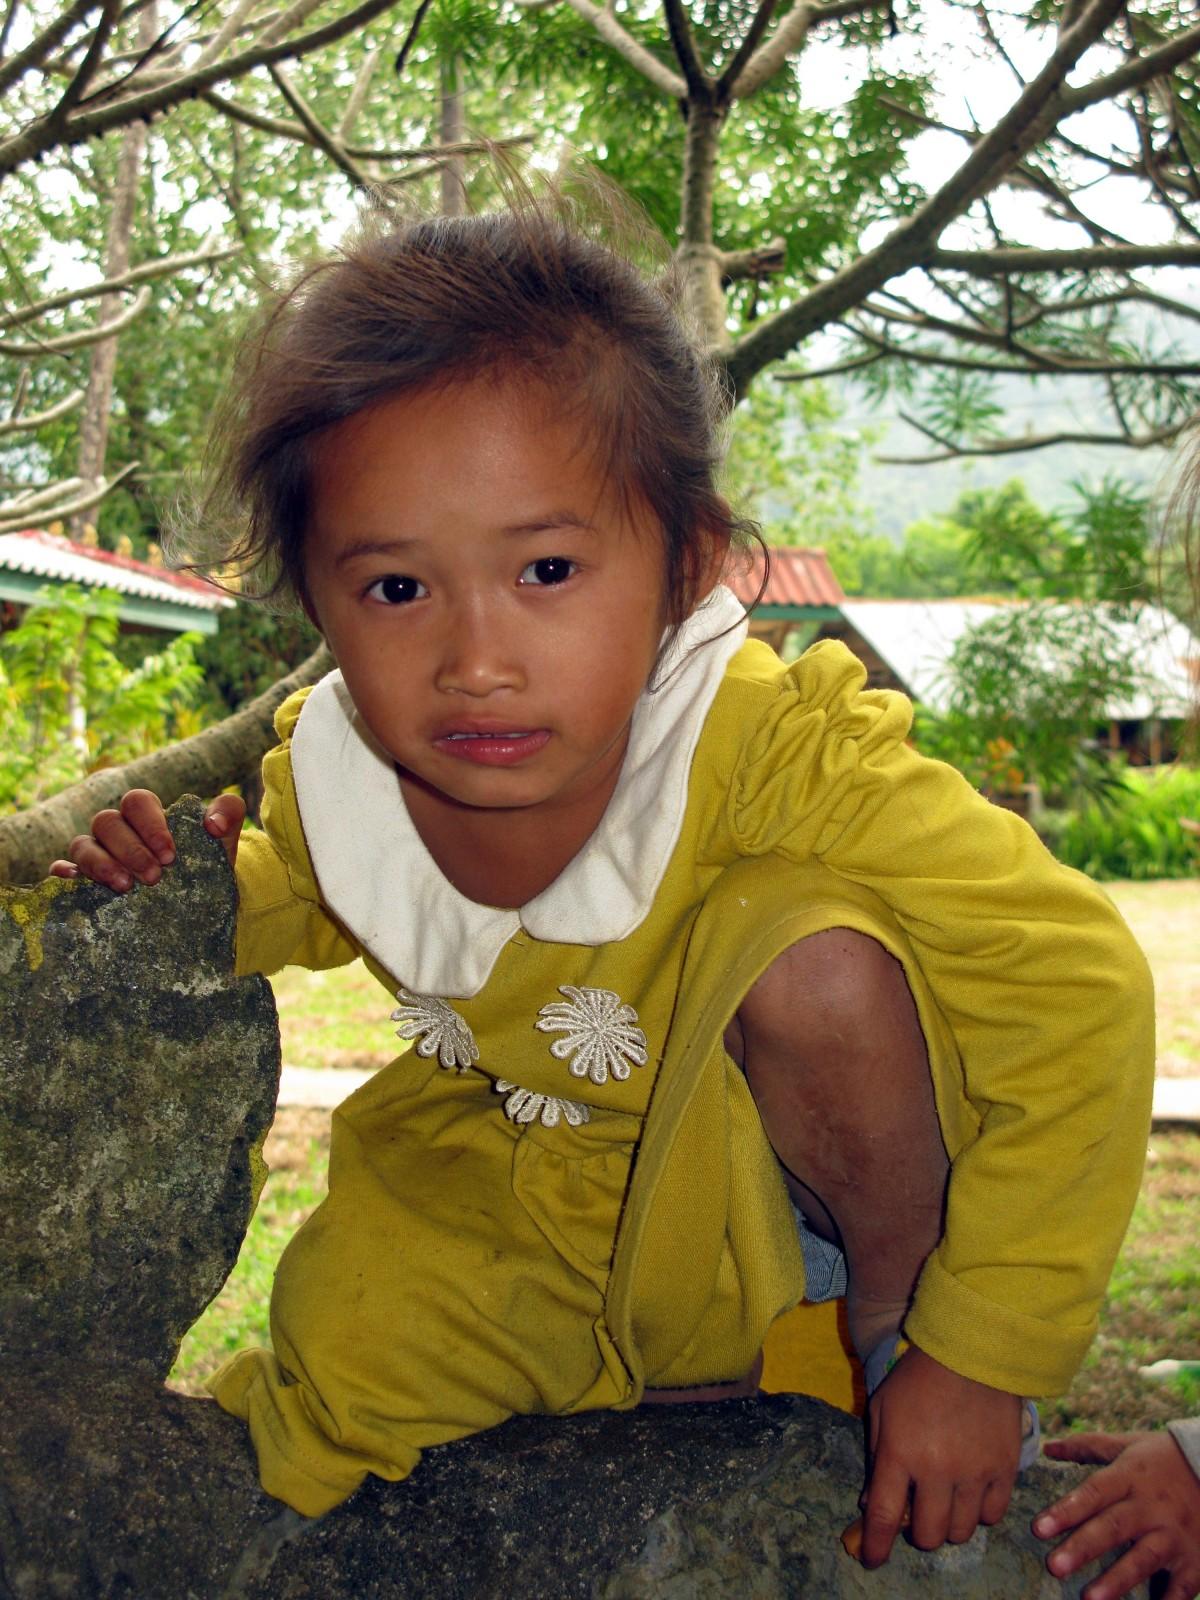 무료 이미지 : 사람, 소녀, 귀엽다, 아시아, 어린이, 헤어 스타일 ...